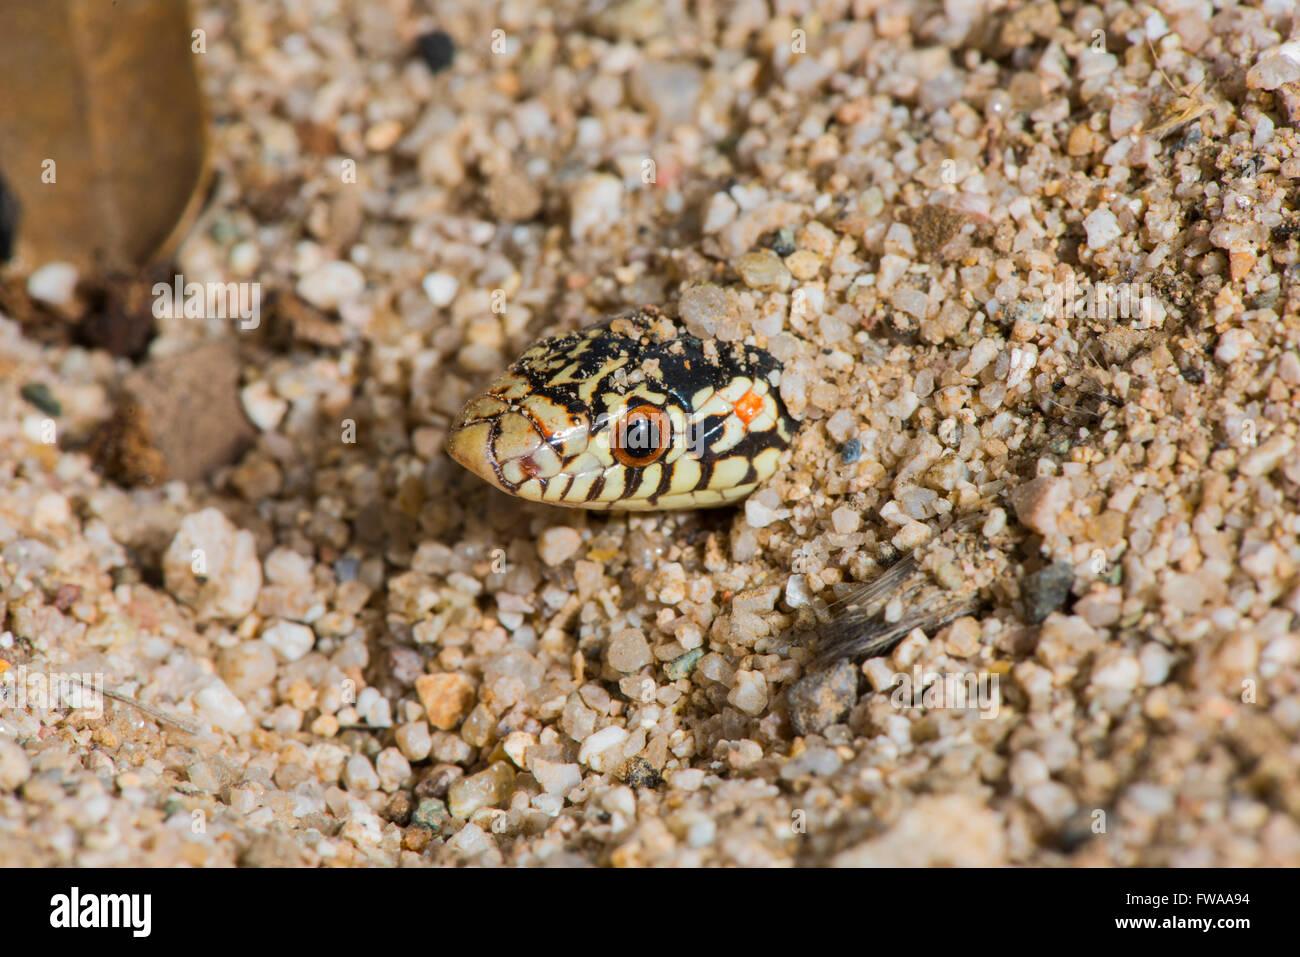 A becco lungo serpente lecontei Rhinocheilus Tucson Pima County, Arizona, Stati Uniti 12 agosto adulto Colubridae Immagini Stock